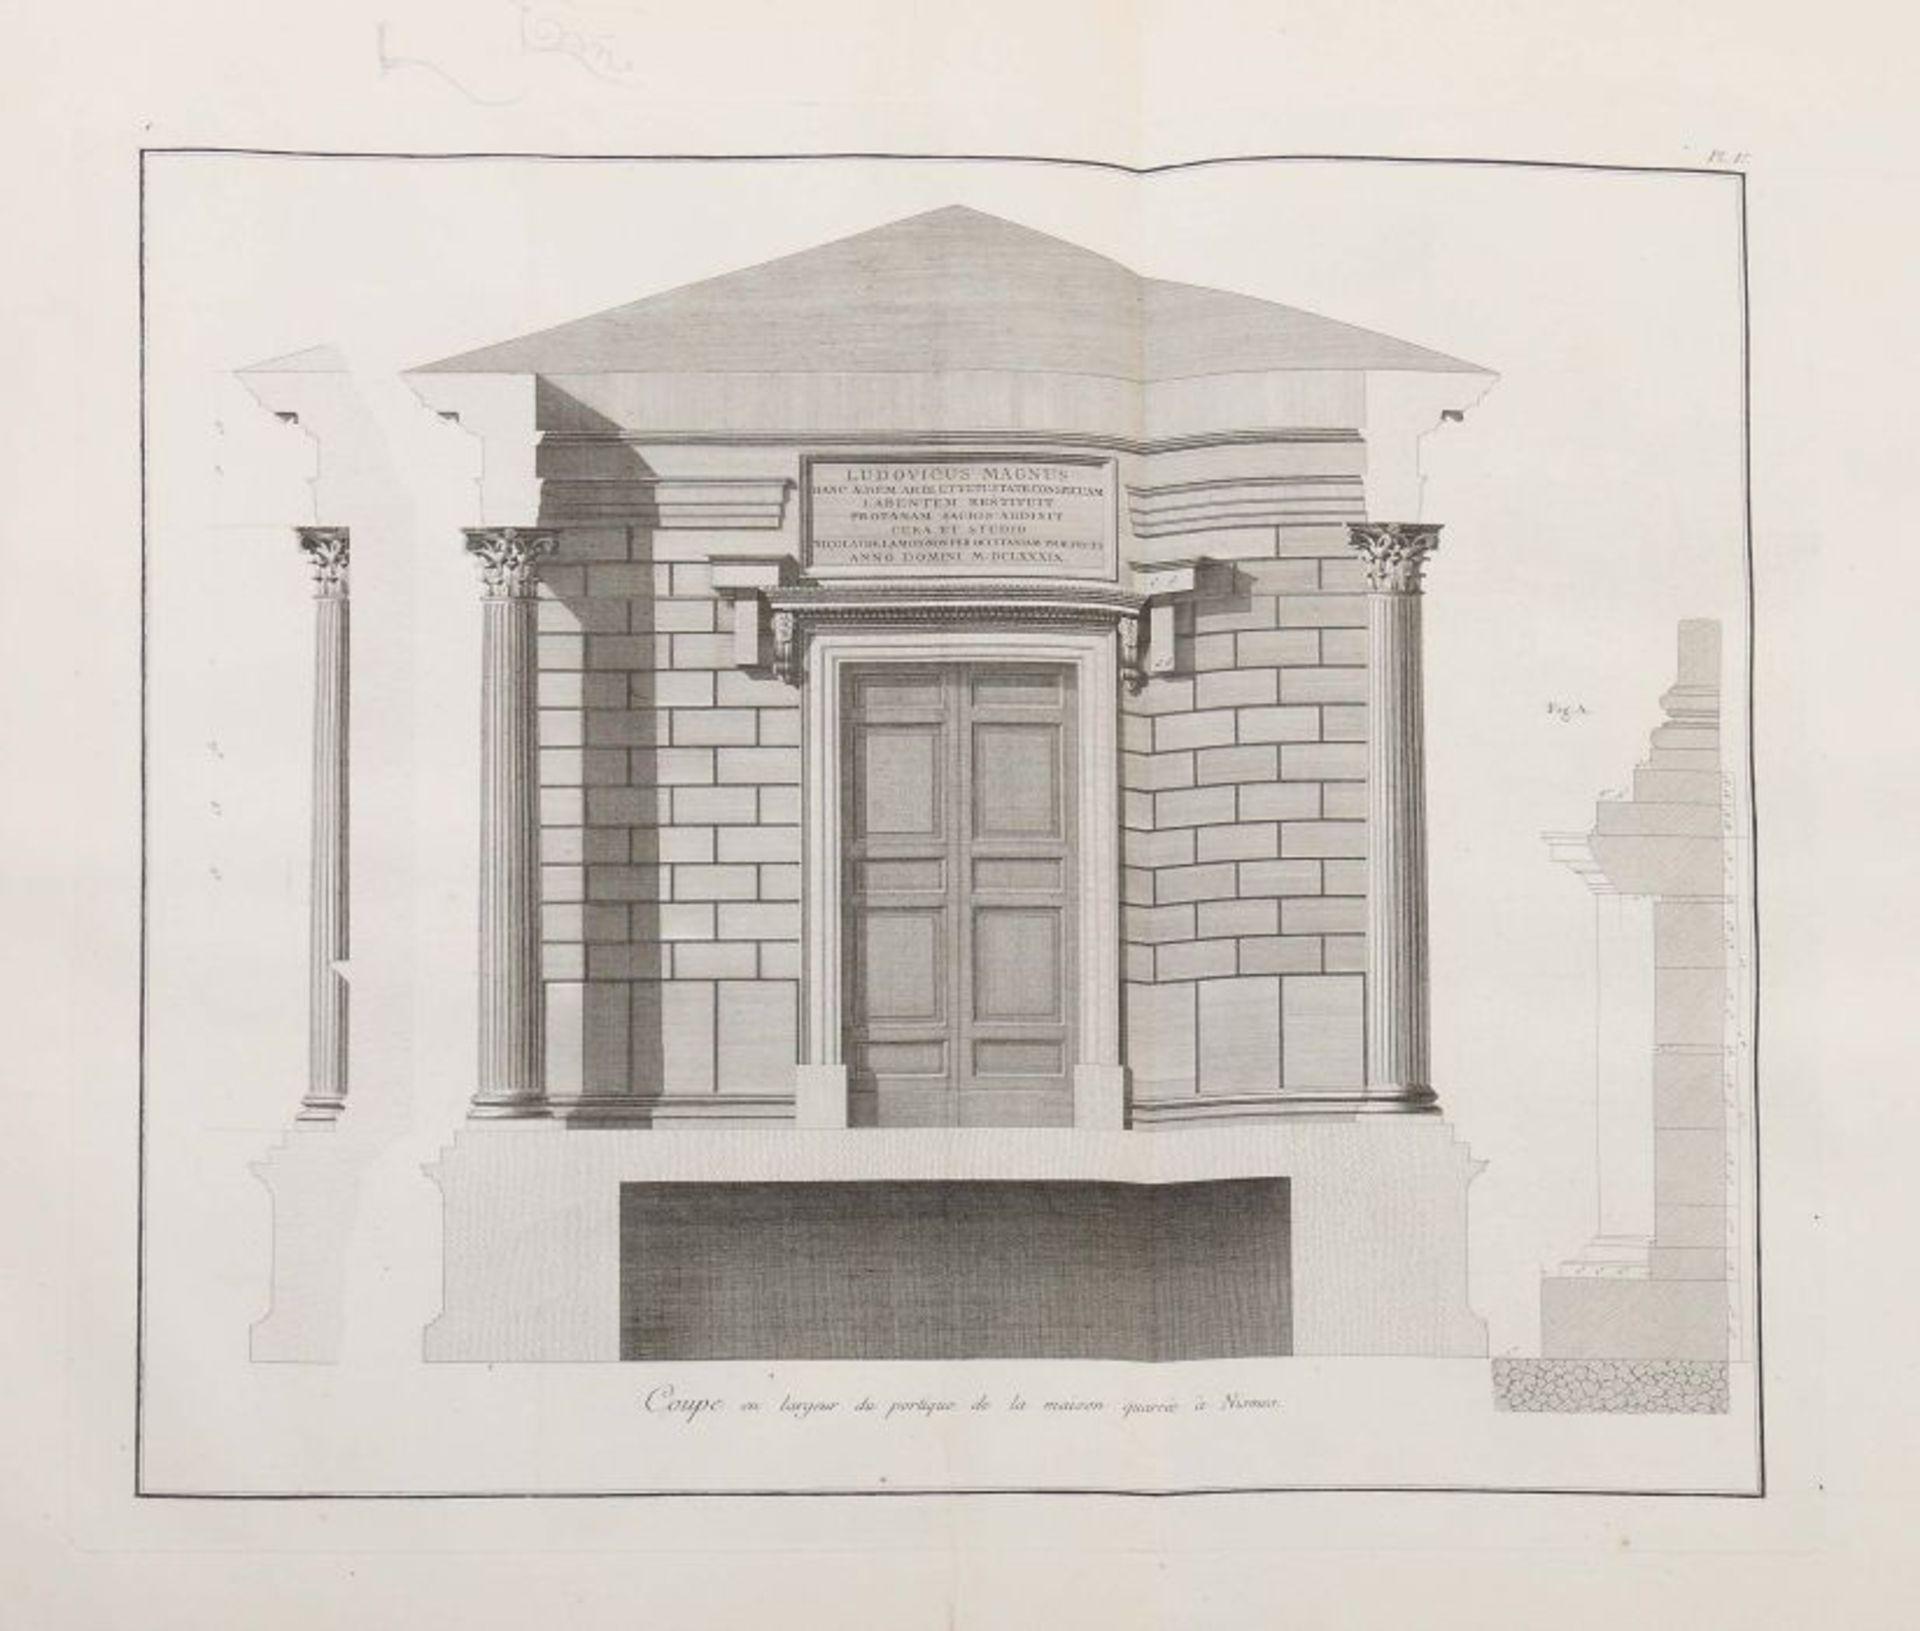 Clérisseau, Charles-Louis Antiquités de la France - Monumens de Nismes, Pierres, Paris, 1778, - Bild 5 aus 11